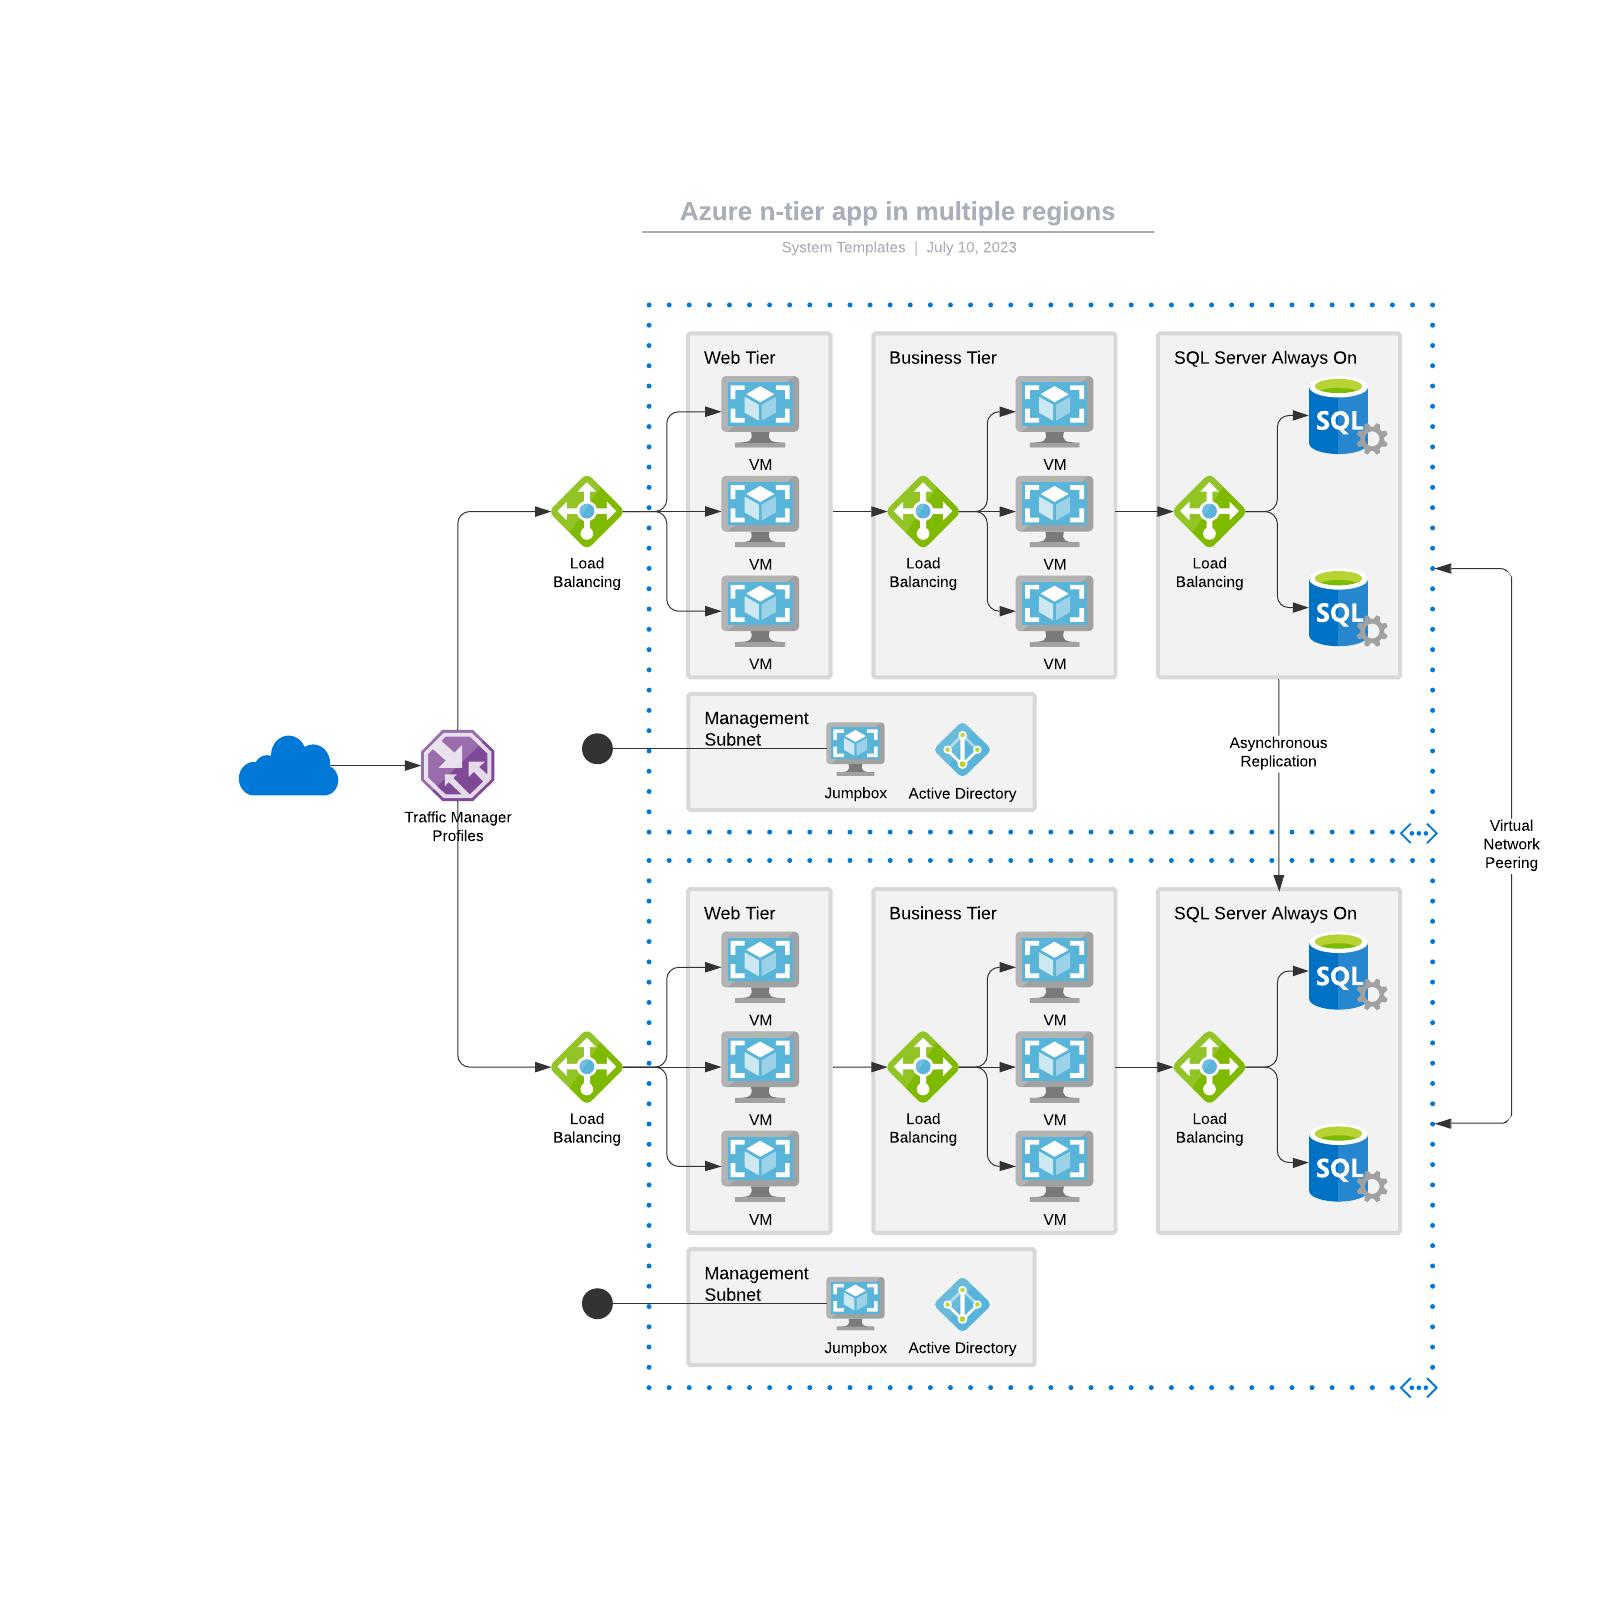 Azure n-tier app in multiple regions